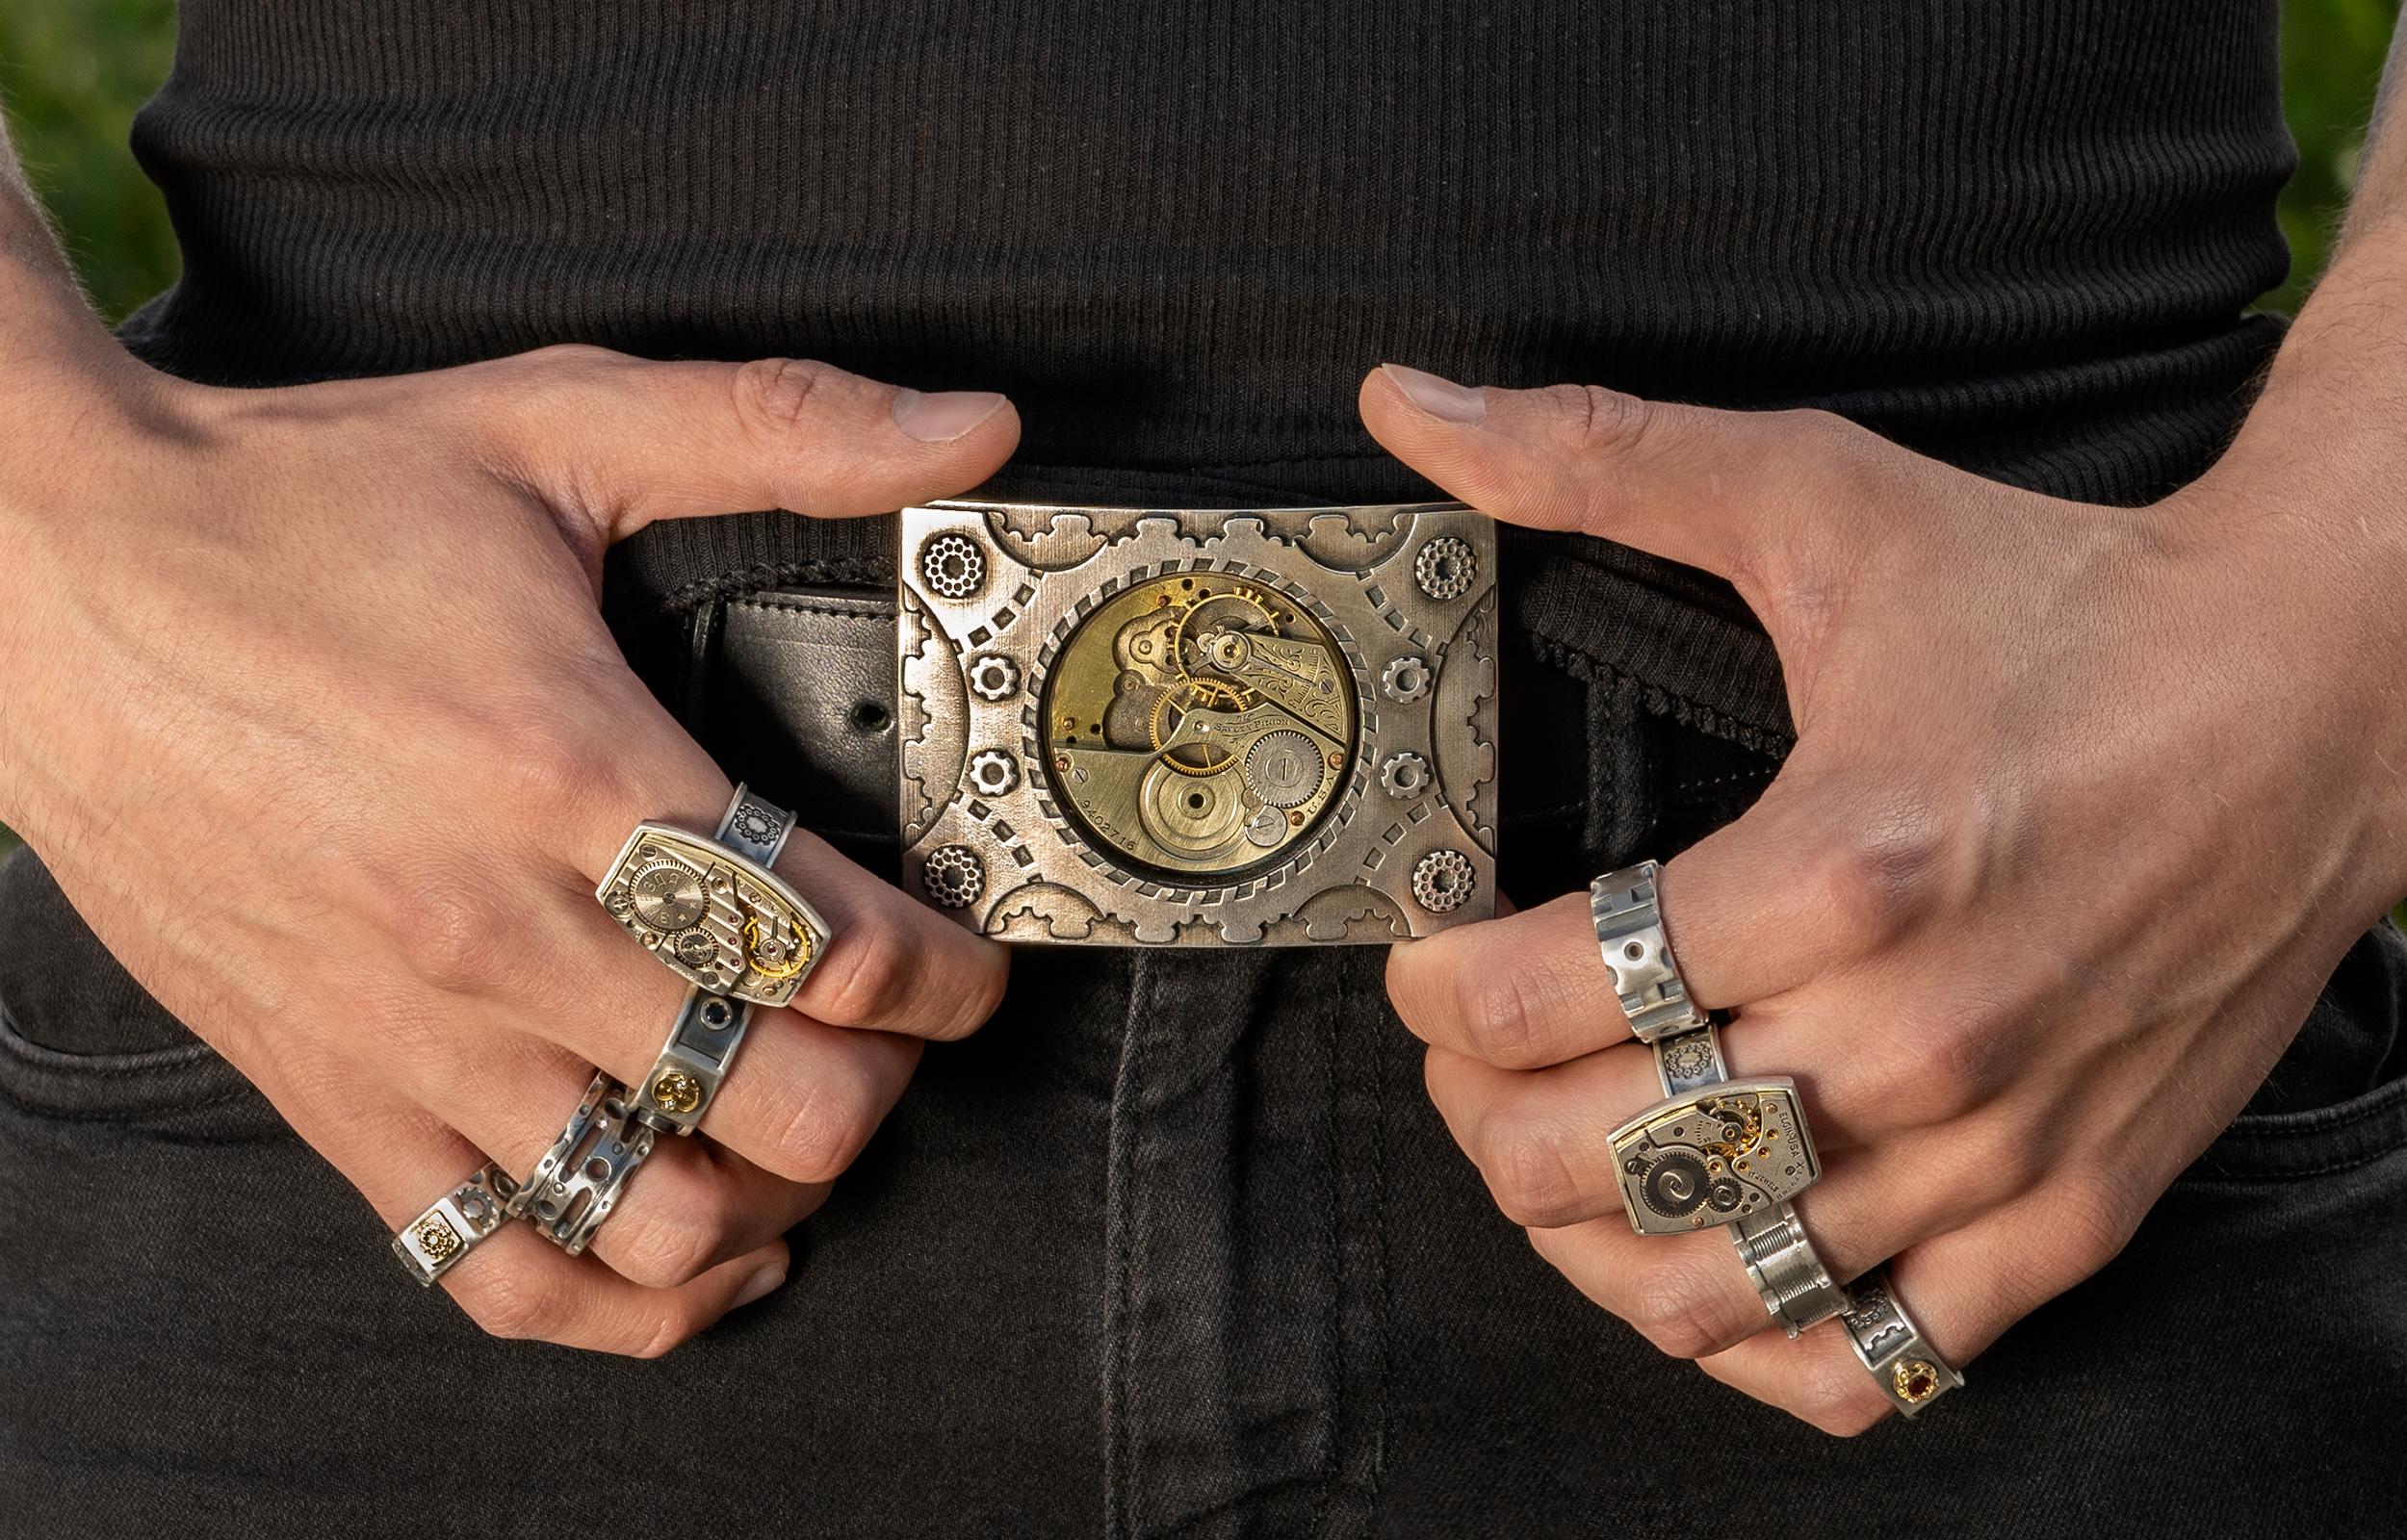 steampunkstyle-buckle-rings